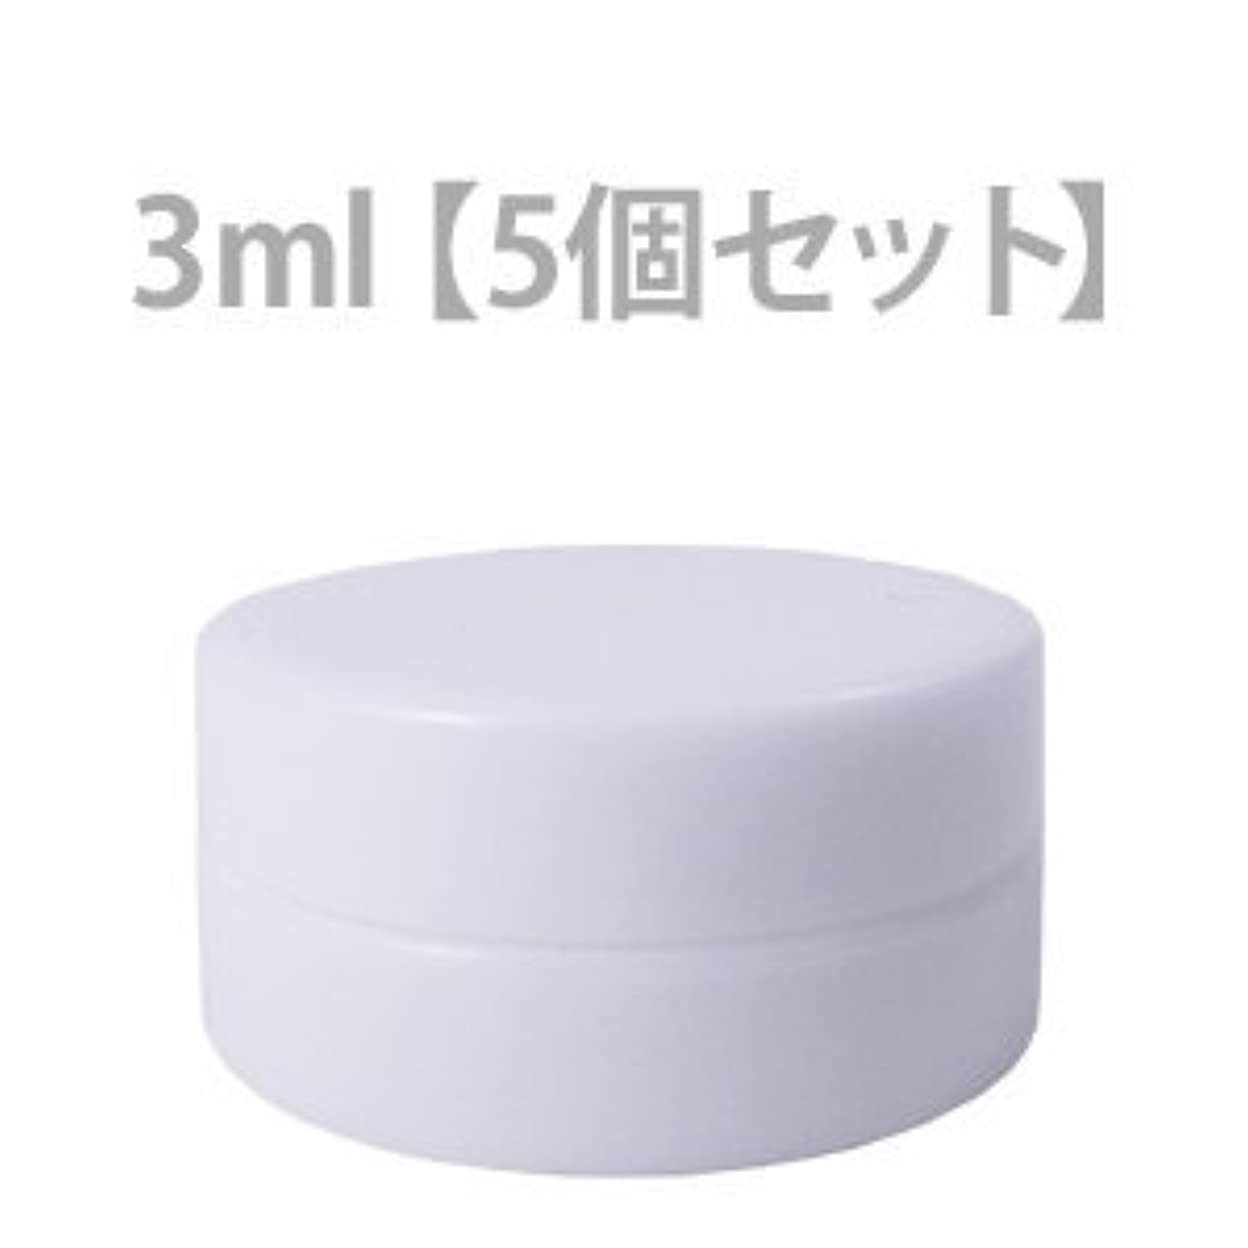 療法四示すクリーム用容器 3ml (5個セット) 【化粧品容器】